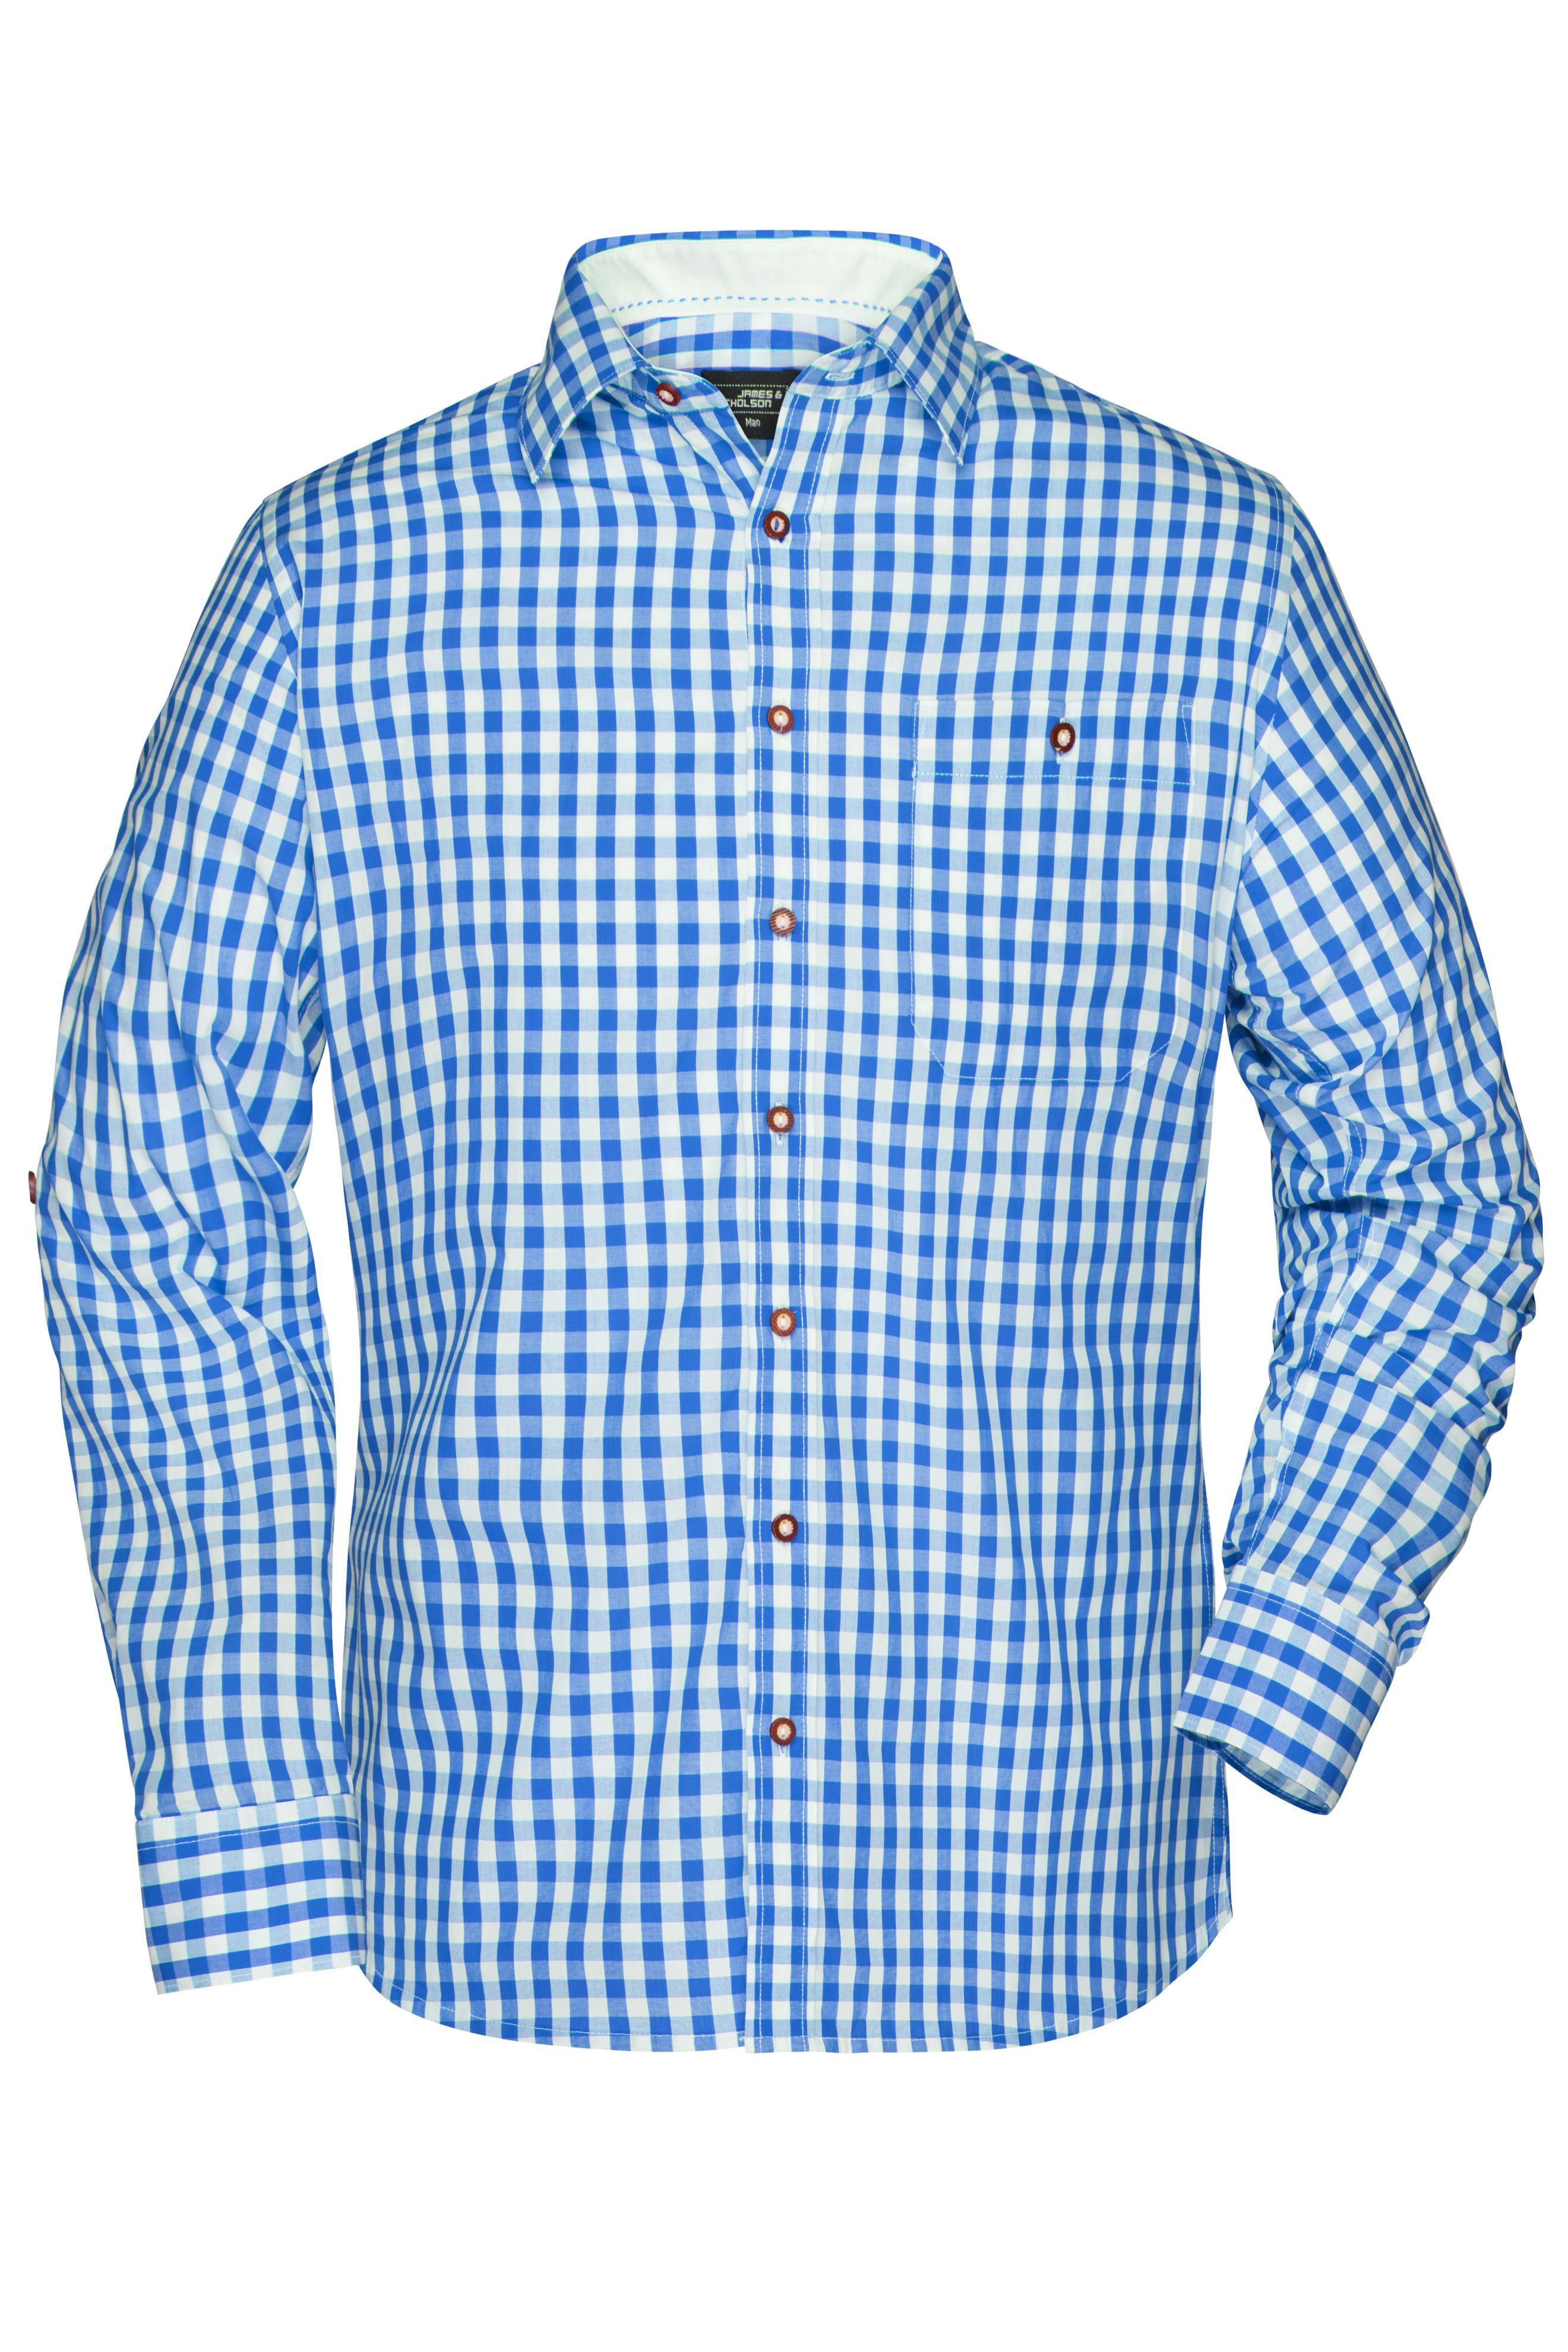 Damen-Bluse und Herren-Hemd im klassischen Trachtenlook